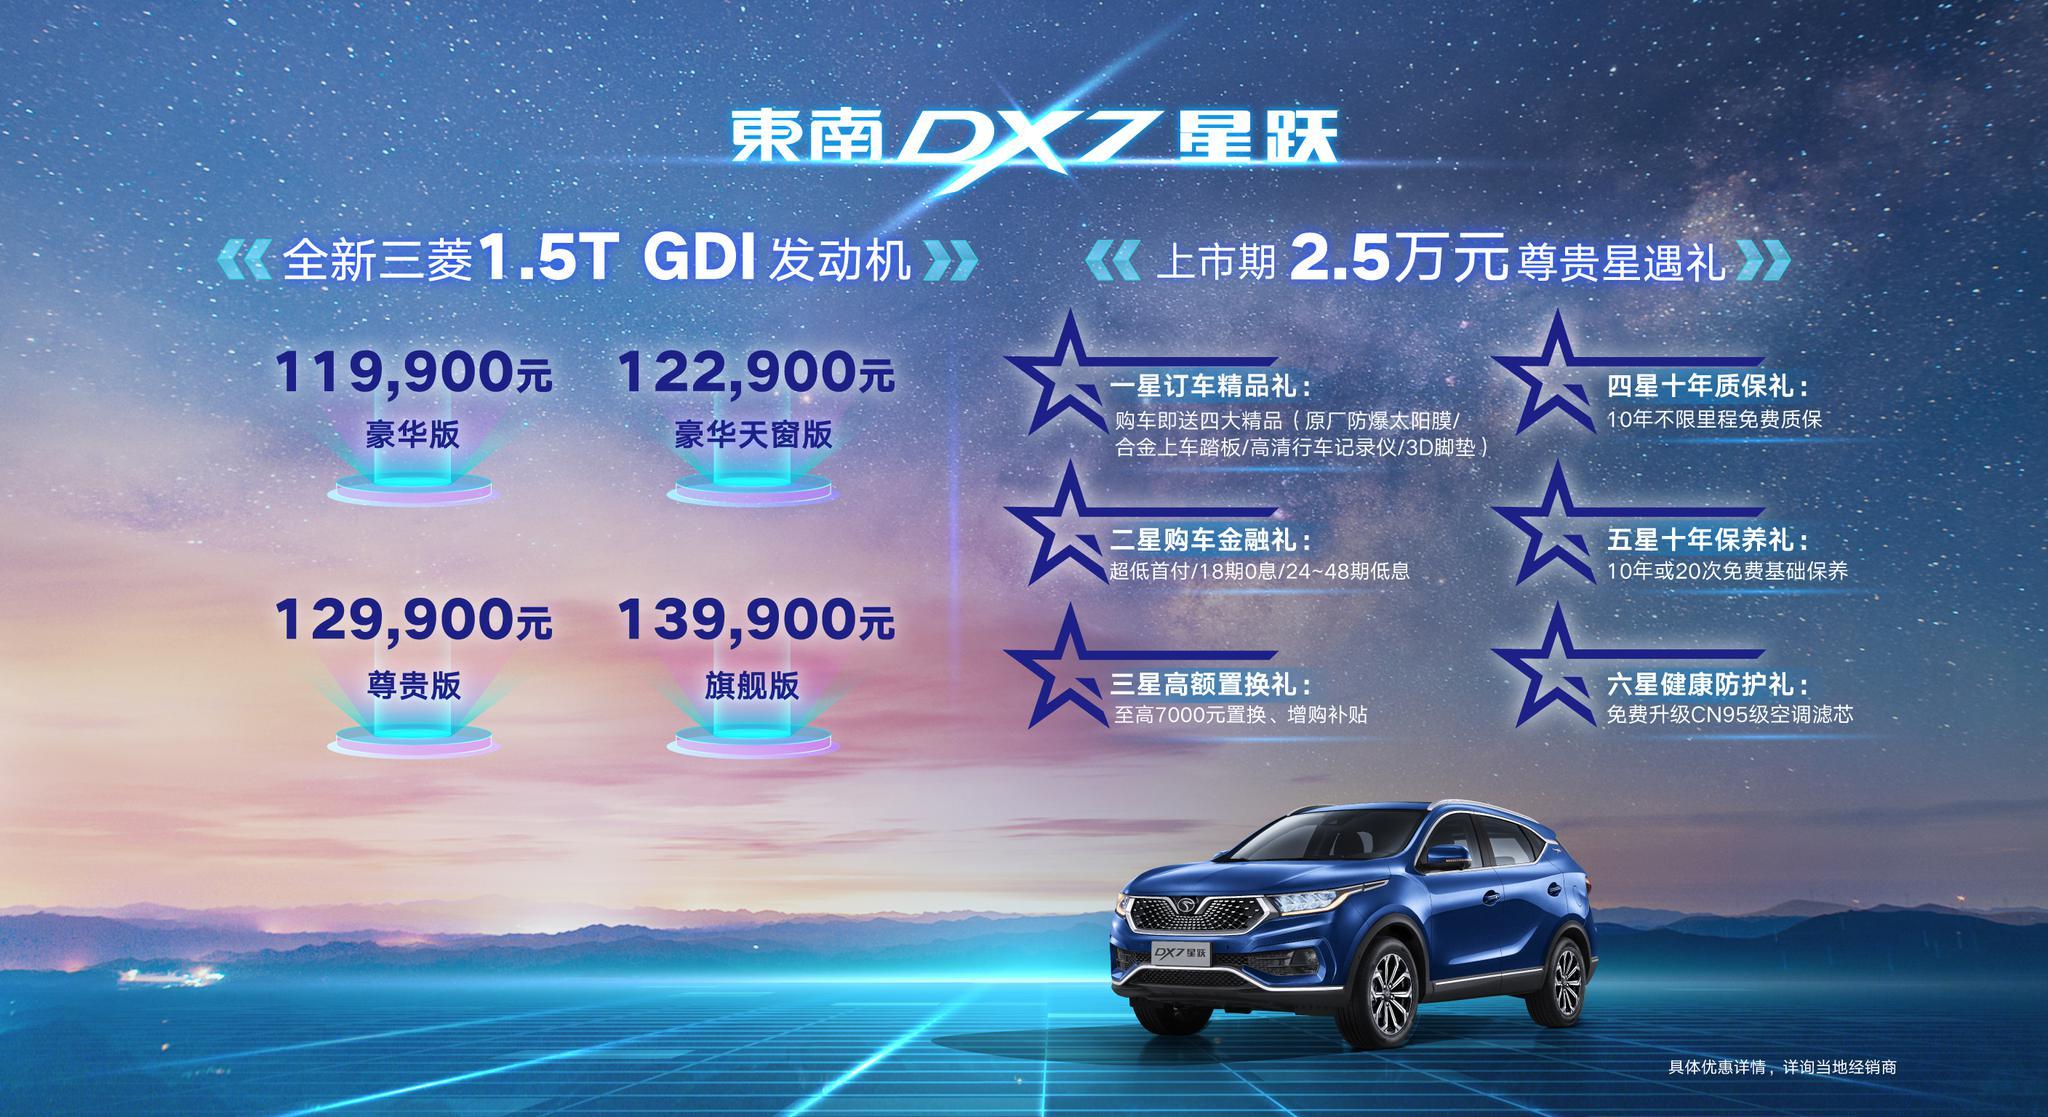 东南汽车DX7星跃上市,11.99万元起